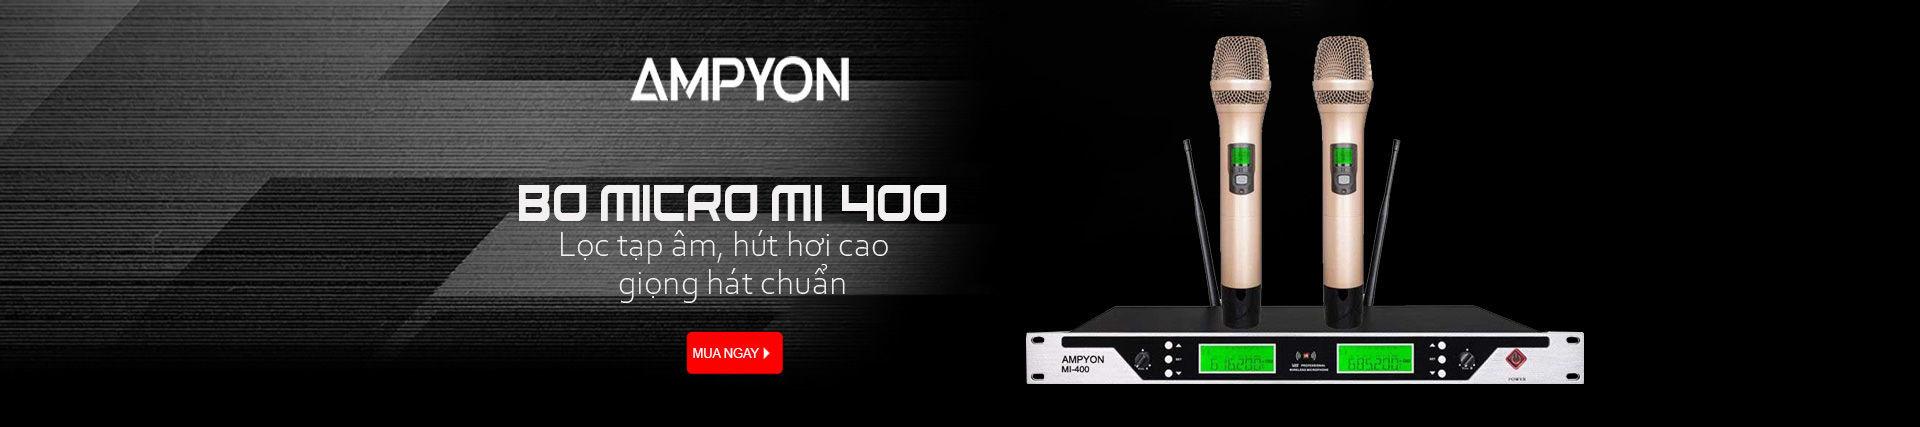 Dàn karaoke Ampyon 1500 watt